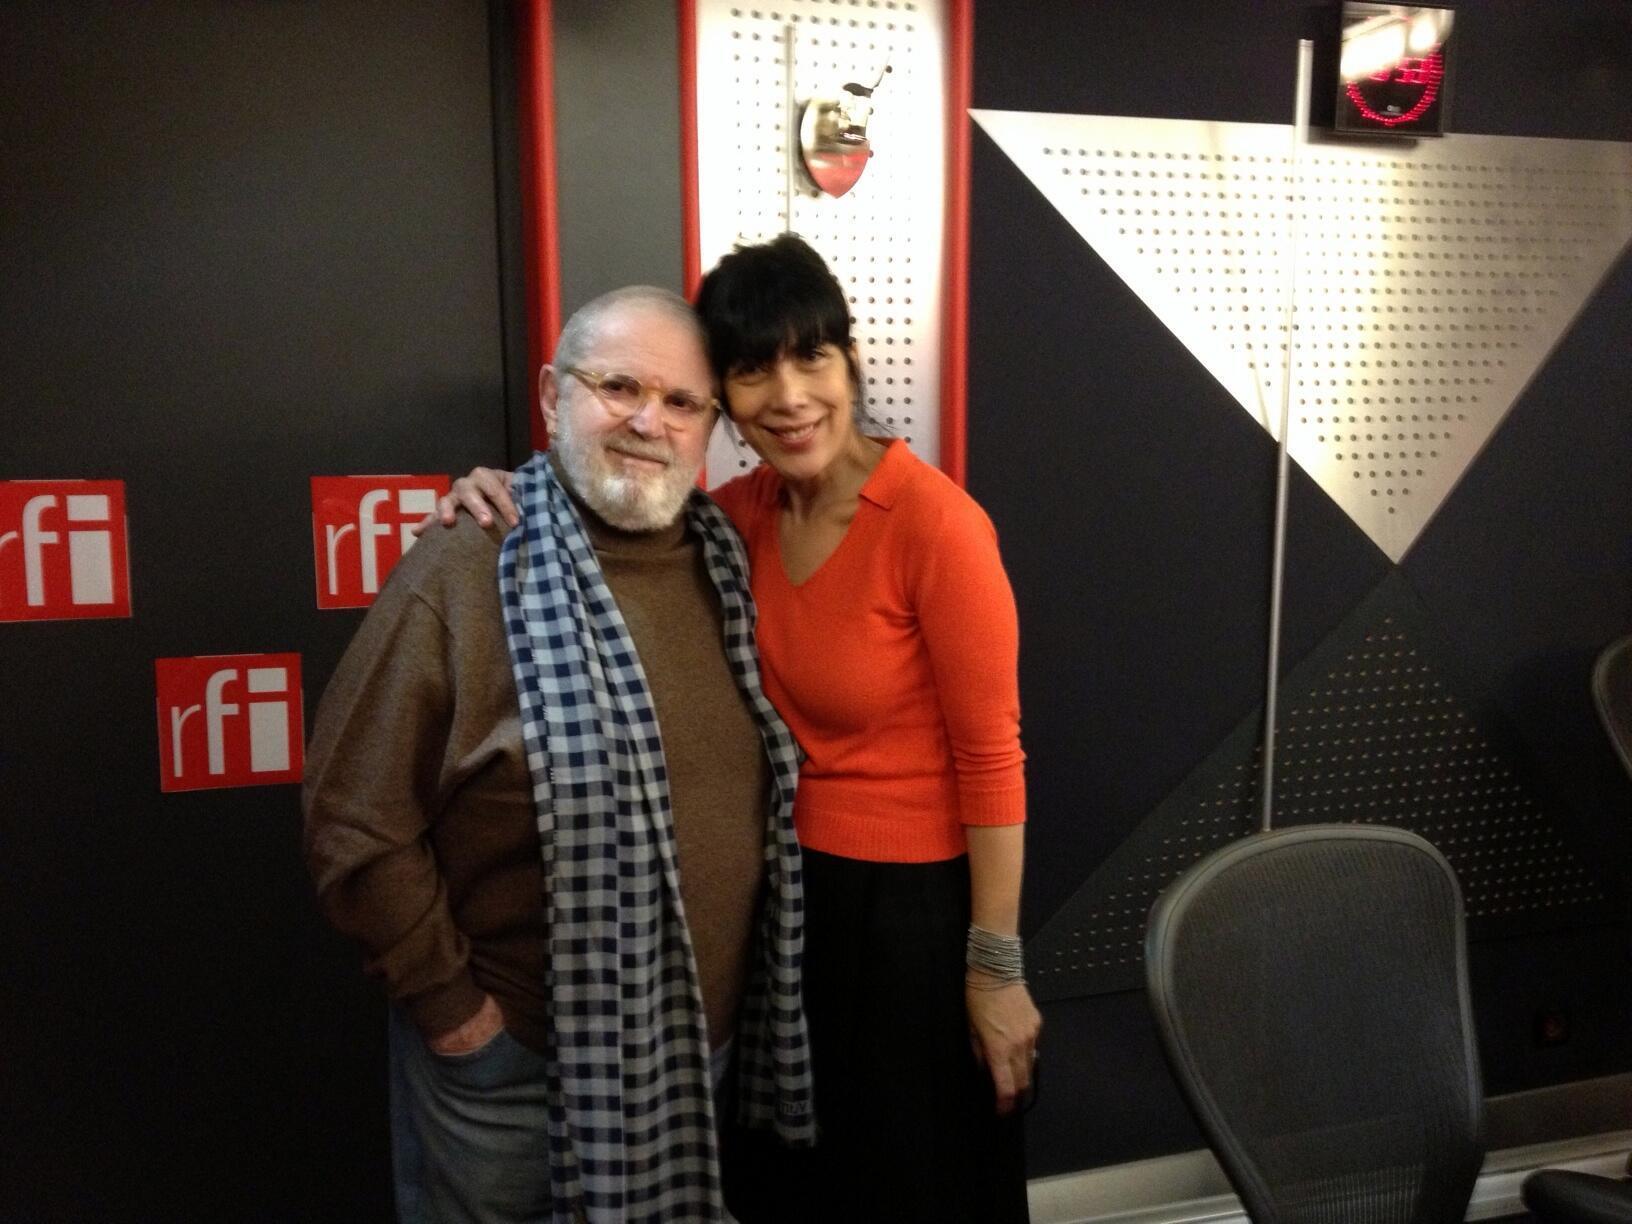 Jô Soares e a jornalista Leticia Constant no estúdio 158 da Maison de la Radio, em Paris.